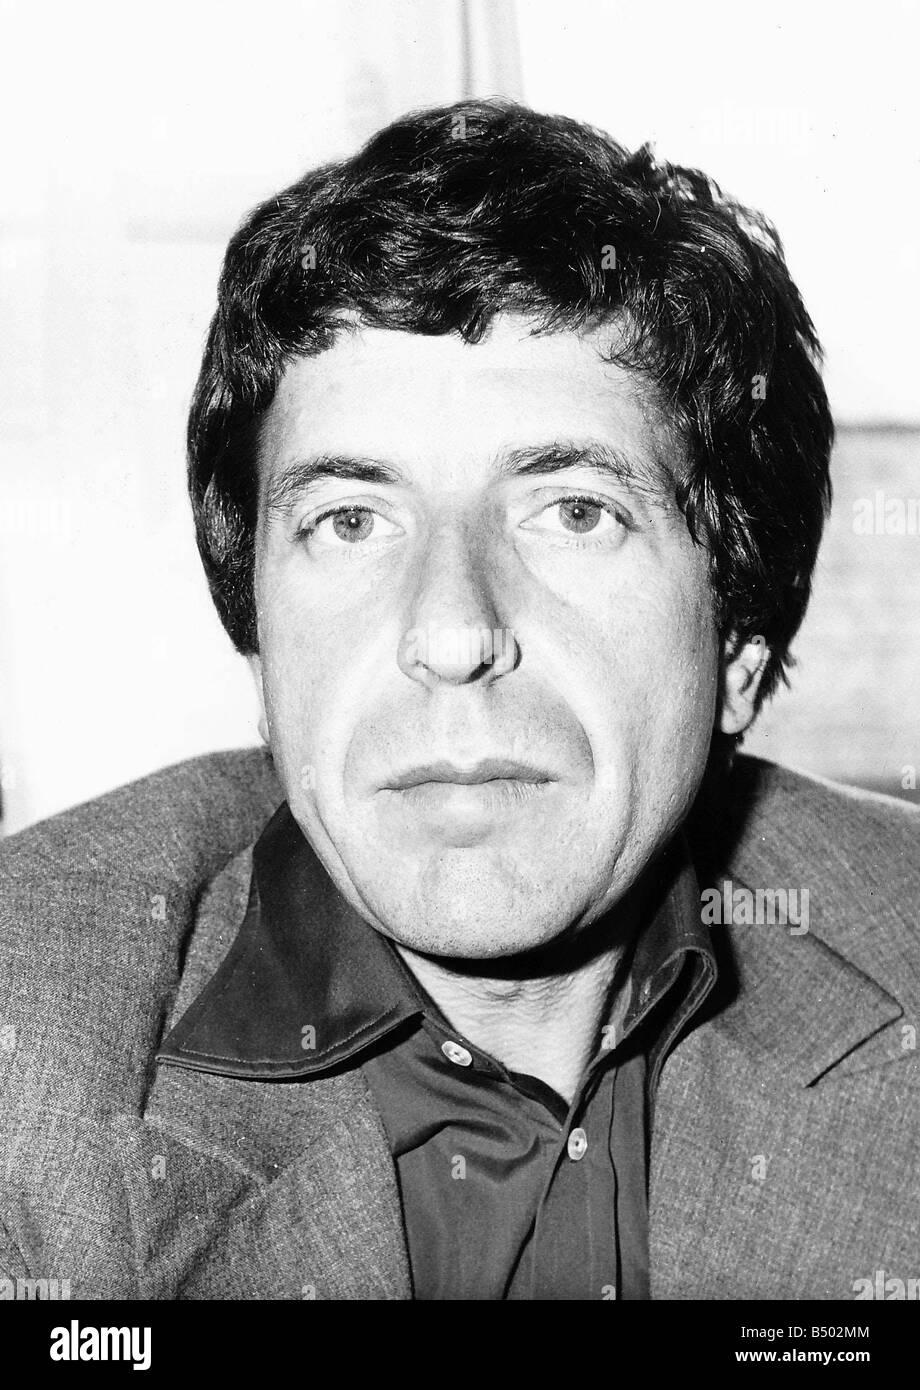 Leonard Cohen American Singer Songwriter Poet - Stock Image